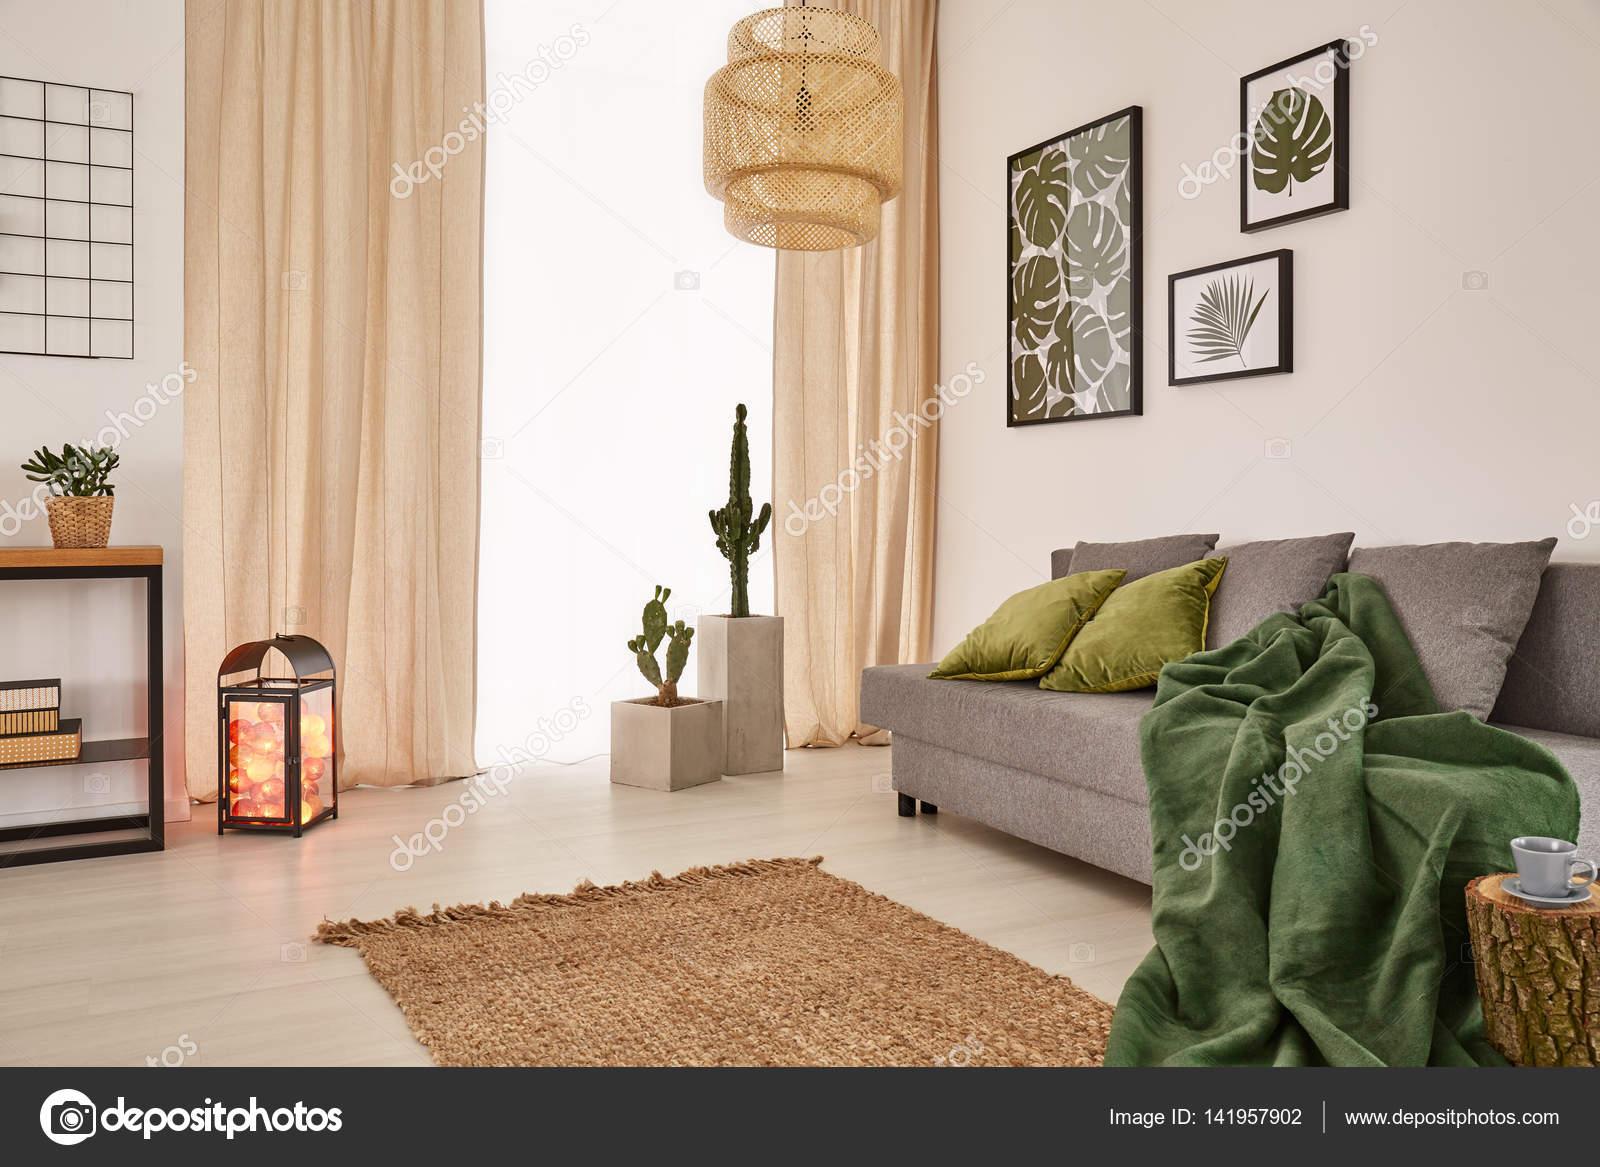 Zimmer Mit Decke Auf Couch Stockfoto C Photographee Eu 141957902